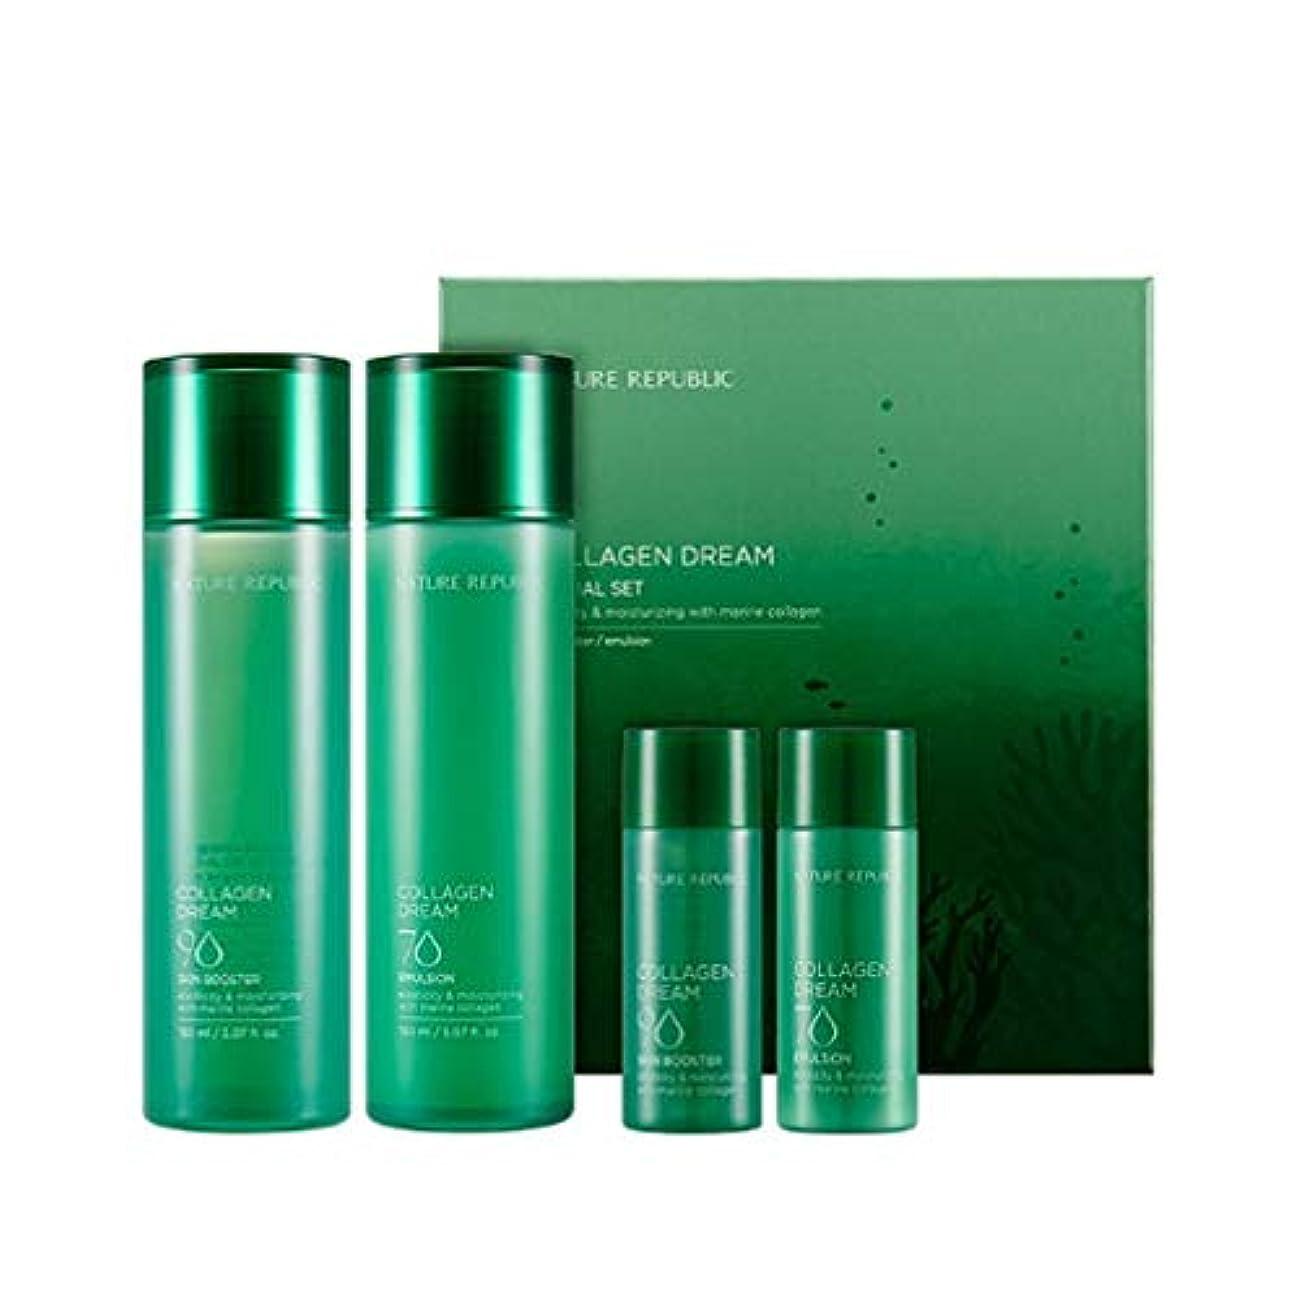 聞きます上級ピンポイントネイチャーリパブリックコラーゲンドリームスキンブースターエマルジョンセットシワ改善韓国コスメ、Nature Republic Collagen Dream Skin Booster Emulsion Set Korean...